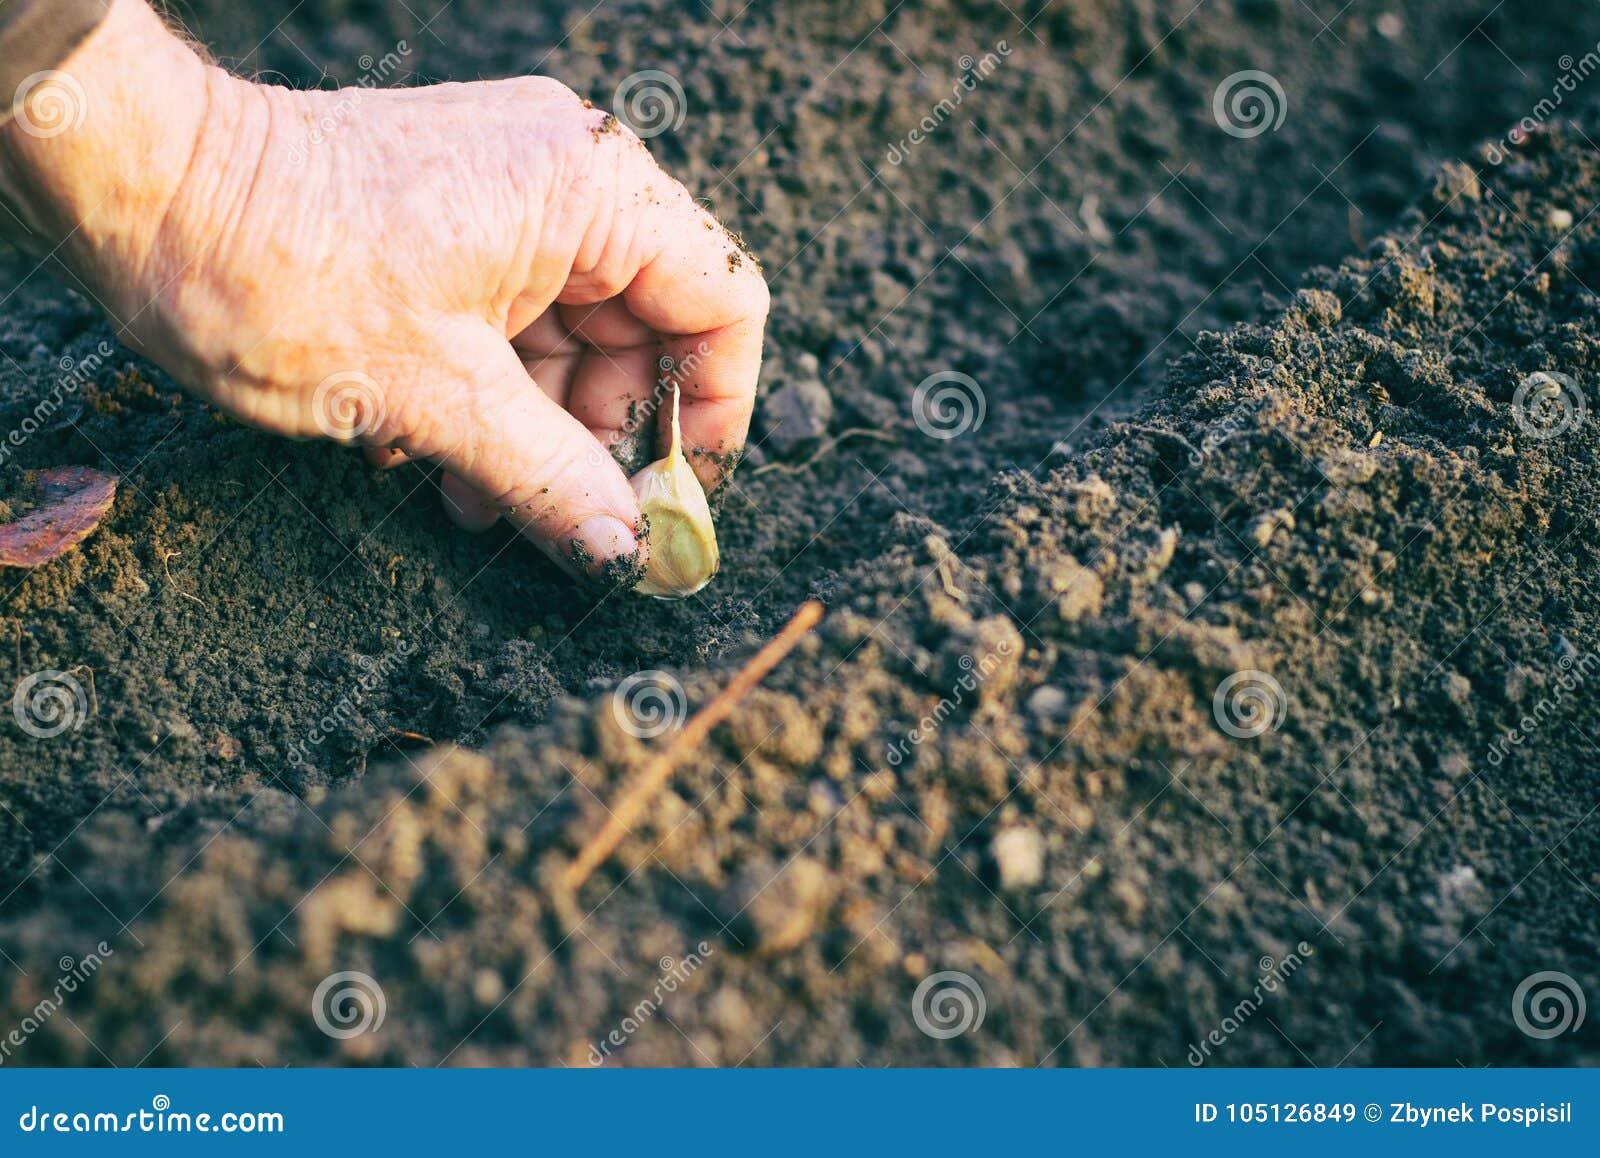 种植大蒜的农夫在菜园里